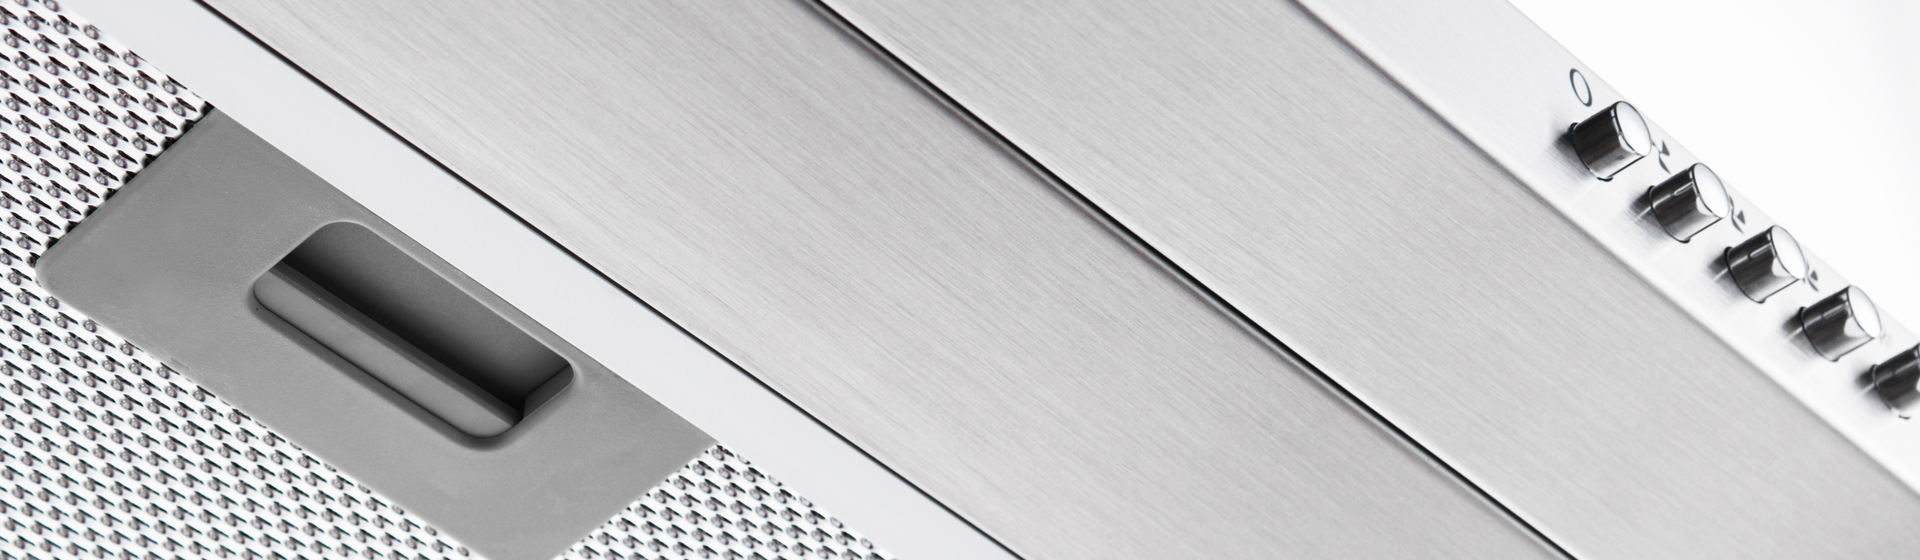 Depurador de Ar Inox: as melhores opções de 80 e 60 cm